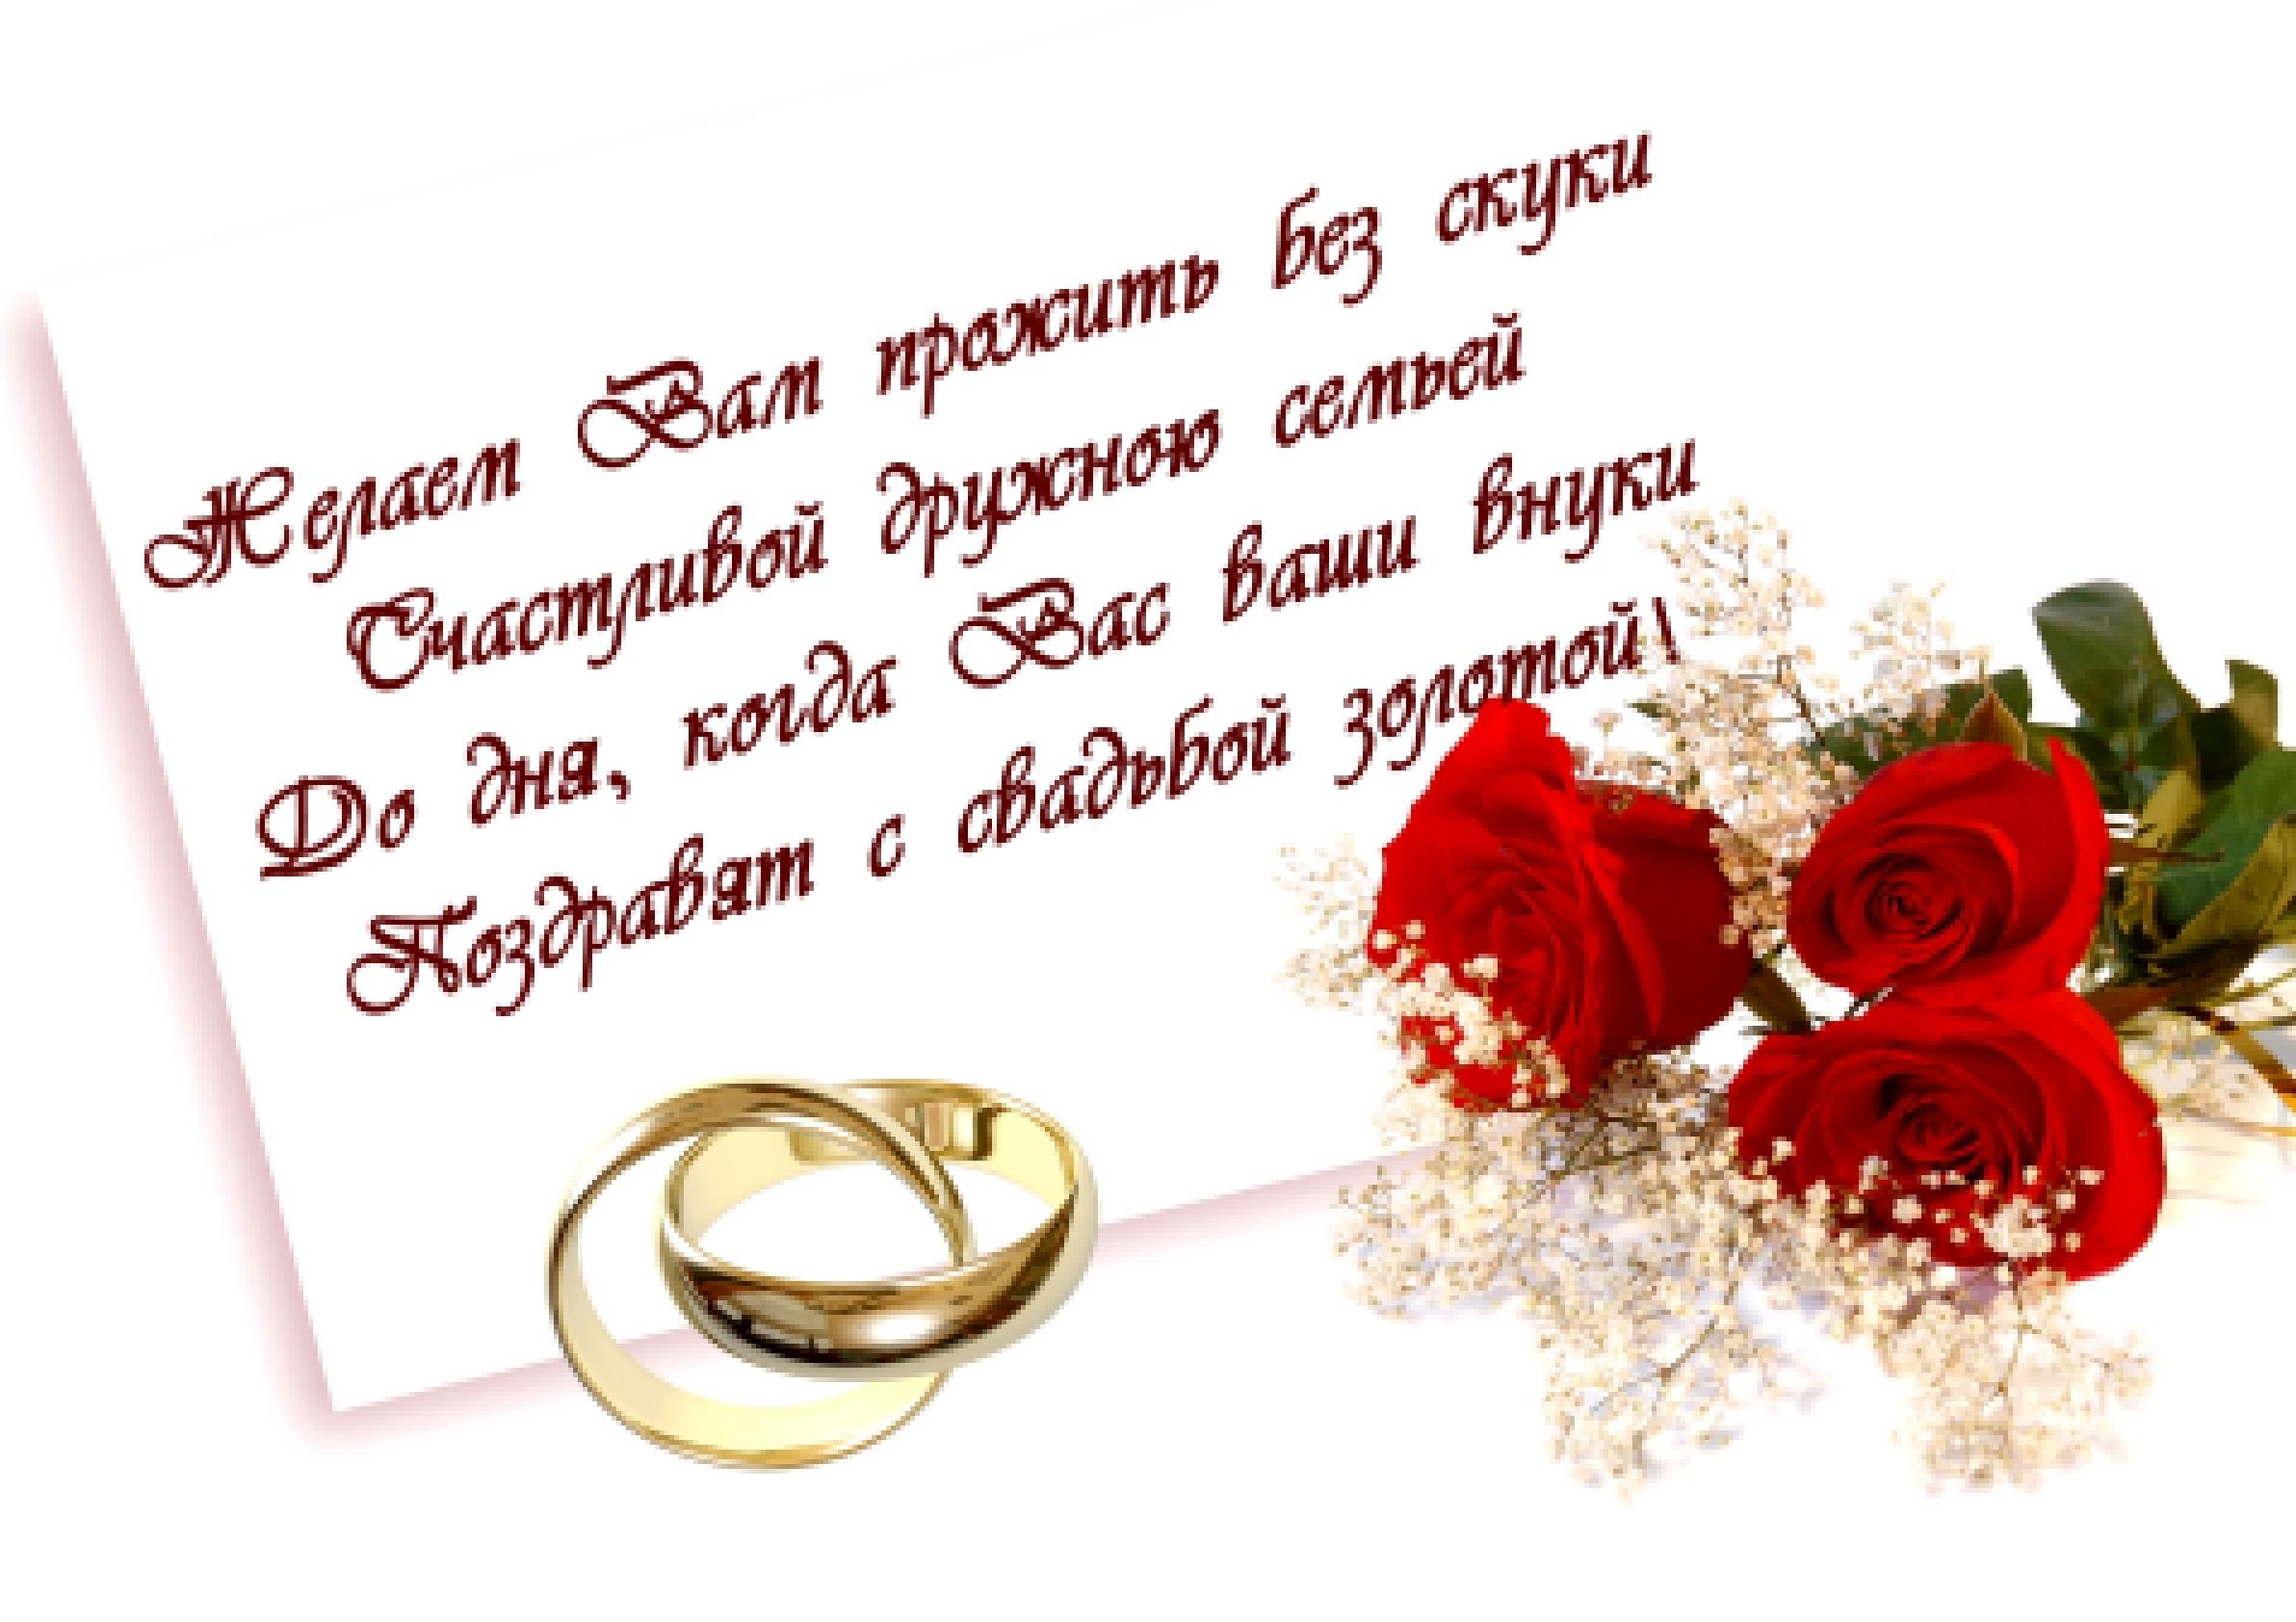 Бумажная свадьба поздравления мужу от жены прикольные короткие фото 310